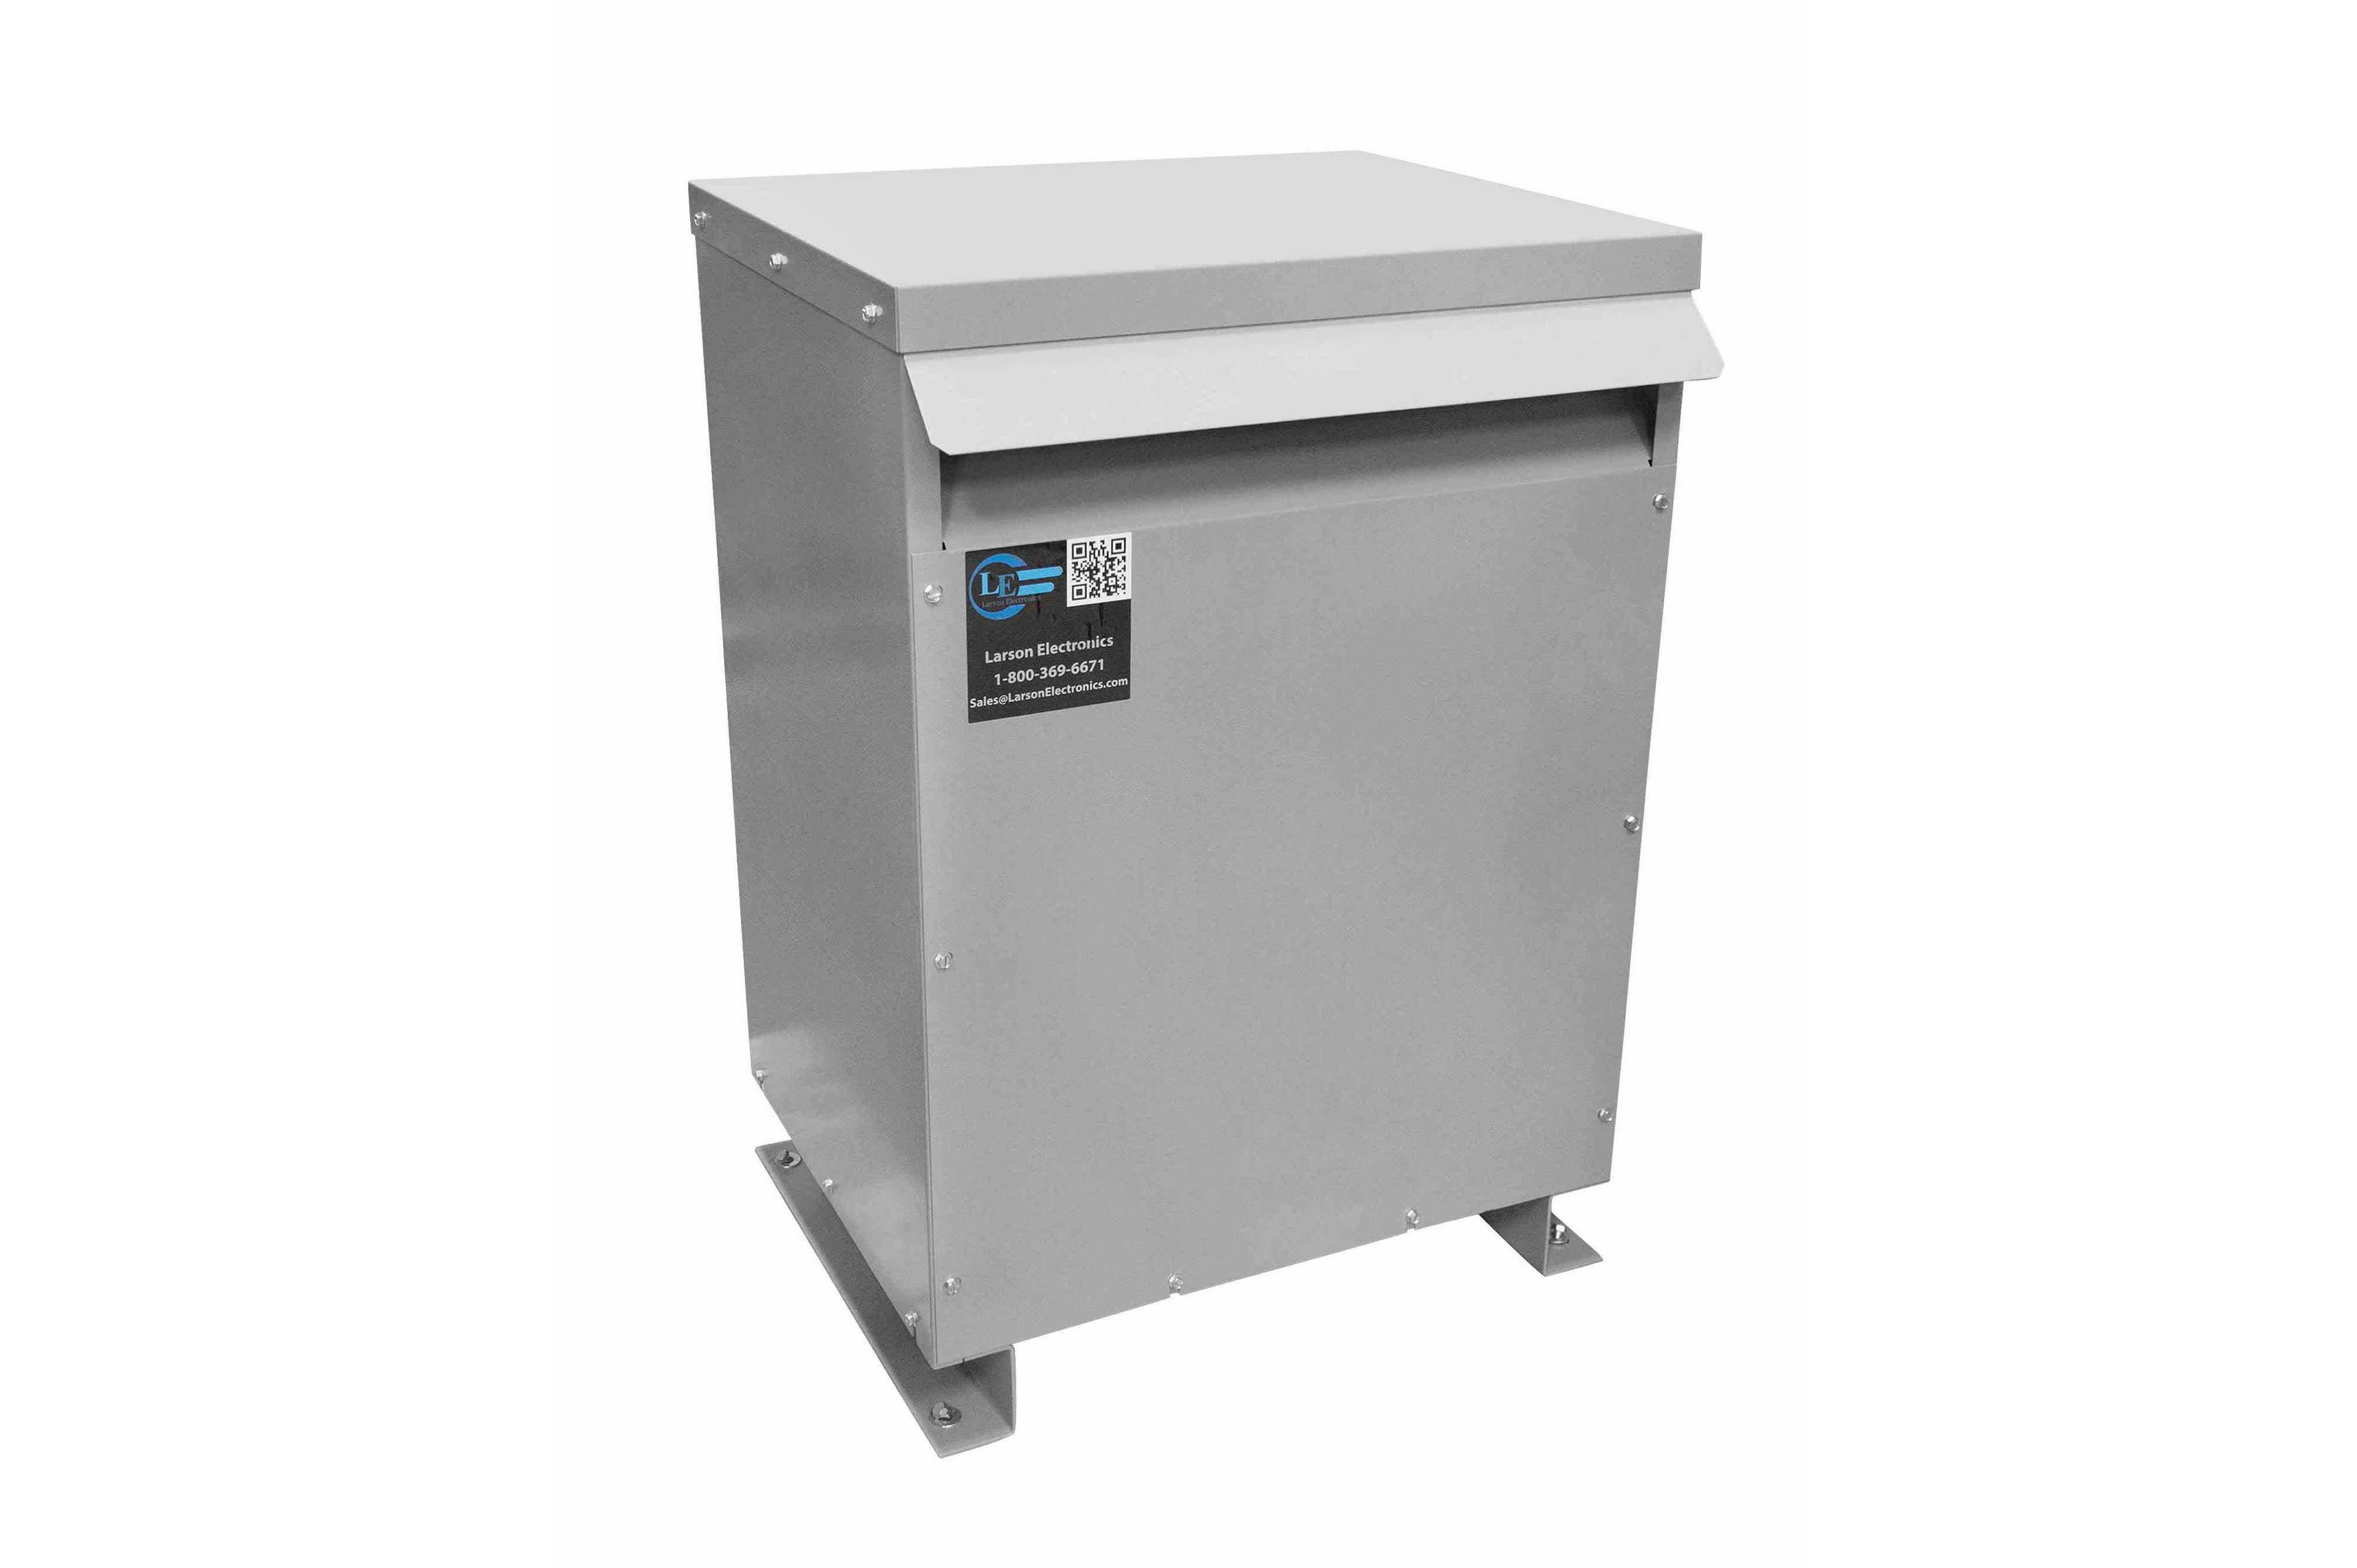 60 kVA 3PH Isolation Transformer, 240V Delta Primary, 600V Delta Secondary, N3R, Ventilated, 60 Hz